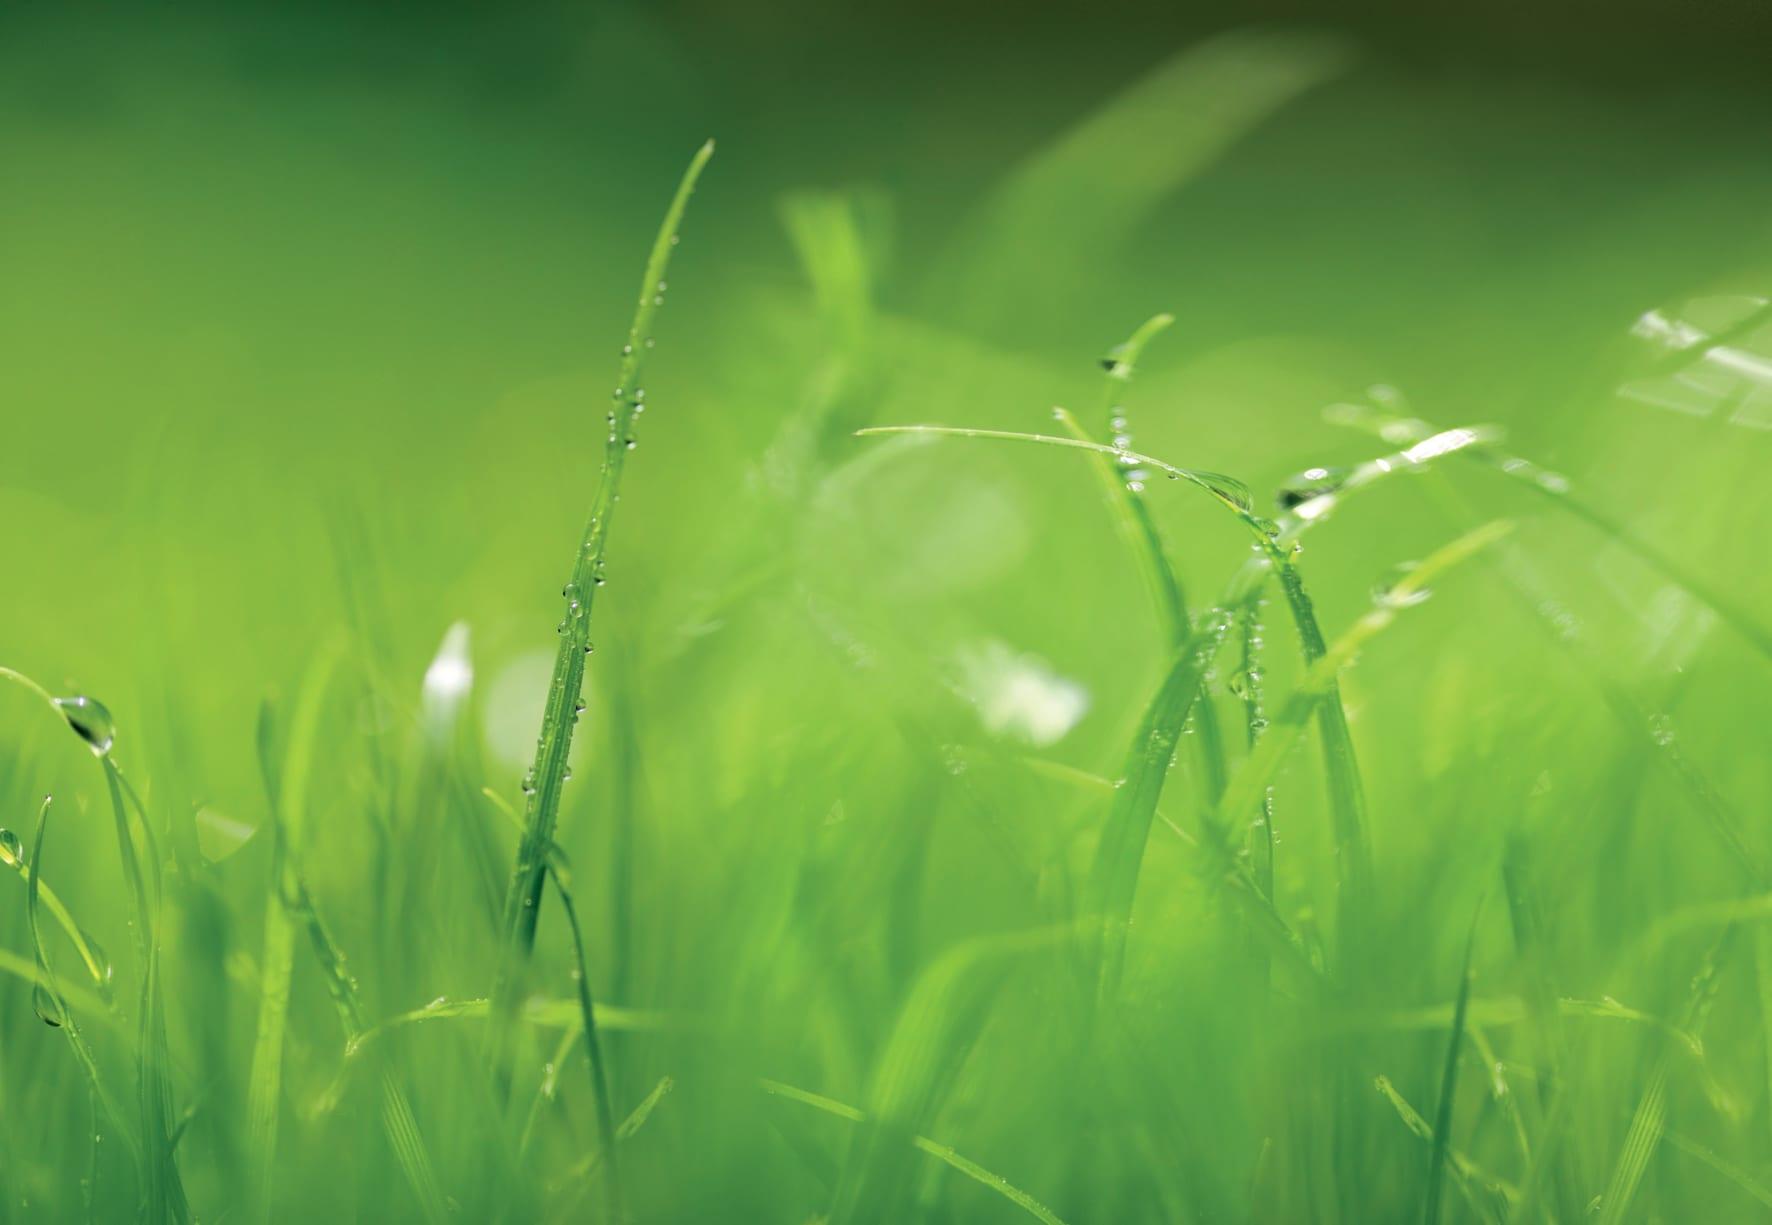 Fotomural Pasto verde 8886 Komar